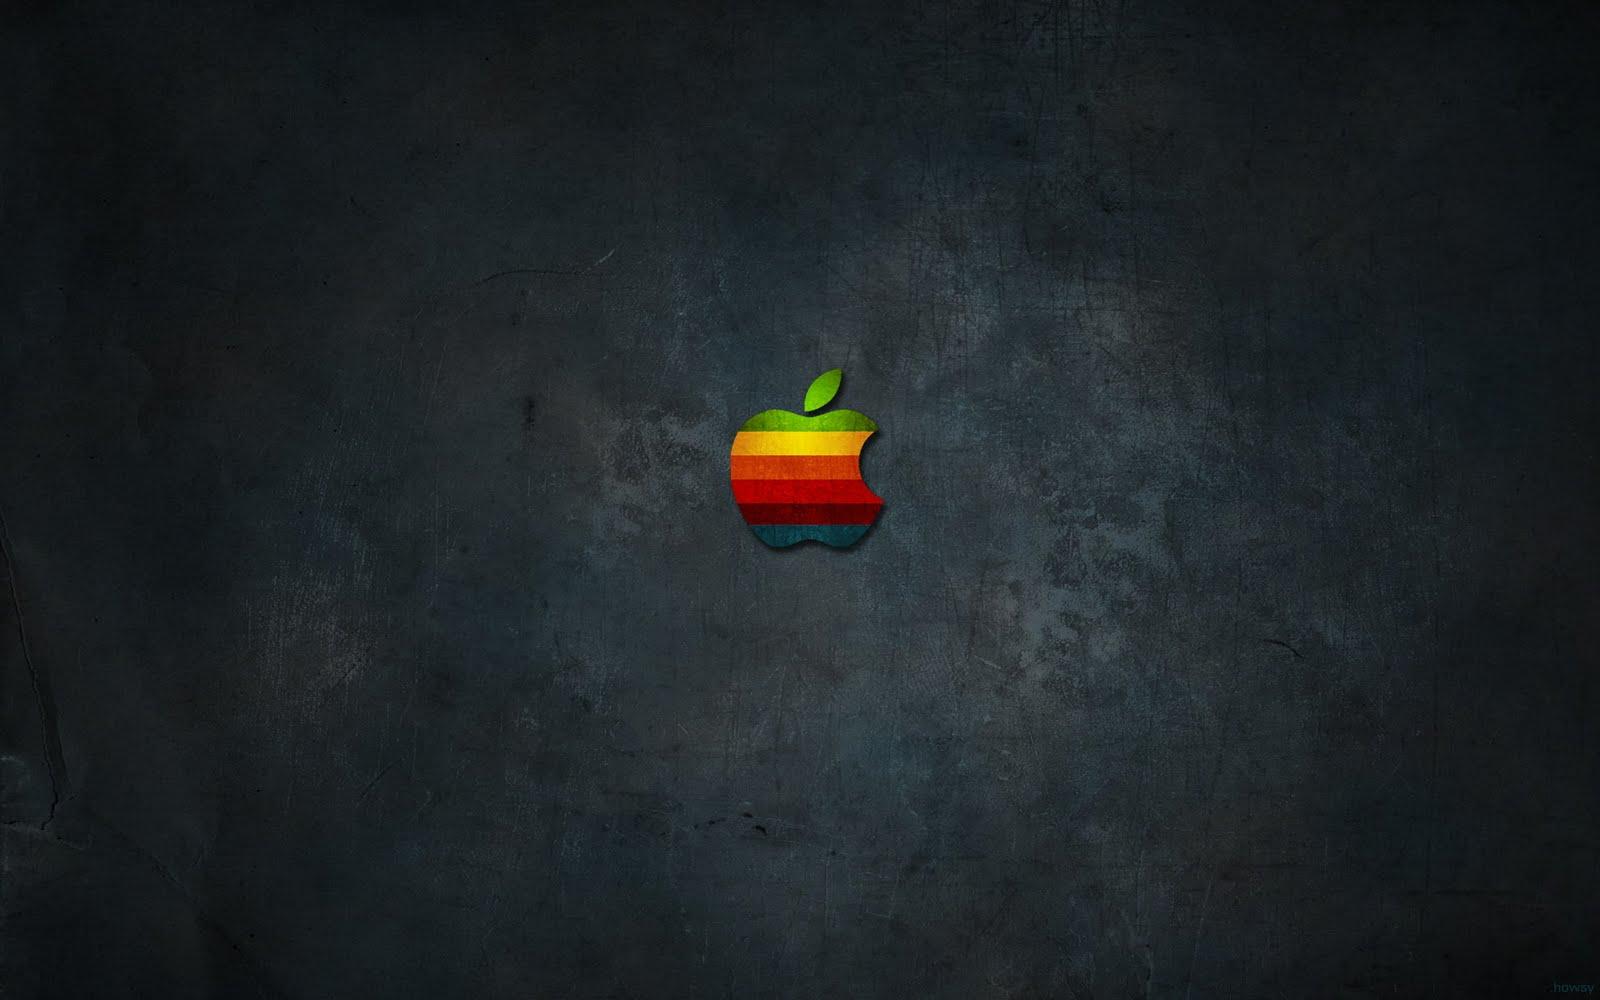 http://2.bp.blogspot.com/_mC1TEdZ4gks/TLhd1TYm4UI/AAAAAAAAOI8/S_cfrn3D4lU/s1600/Apple+Mac+-+07+-+www.Wallpapersshare.Blogspot.com.jpg